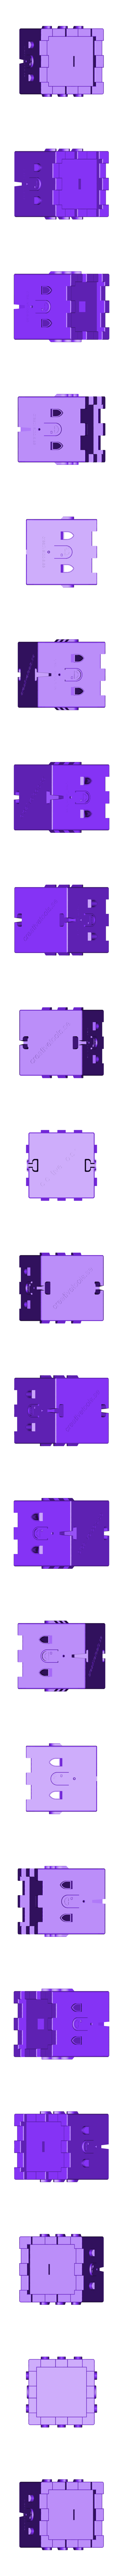 Tower_Straight_Hollow_(Modular Castle Playset - 3D-printable)_By_CreativeTools.se.stl Télécharger fichier STL gratuit Plateau modulaire de château (imprimable en 3D) • Modèle à imprimer en 3D, CreativeTools